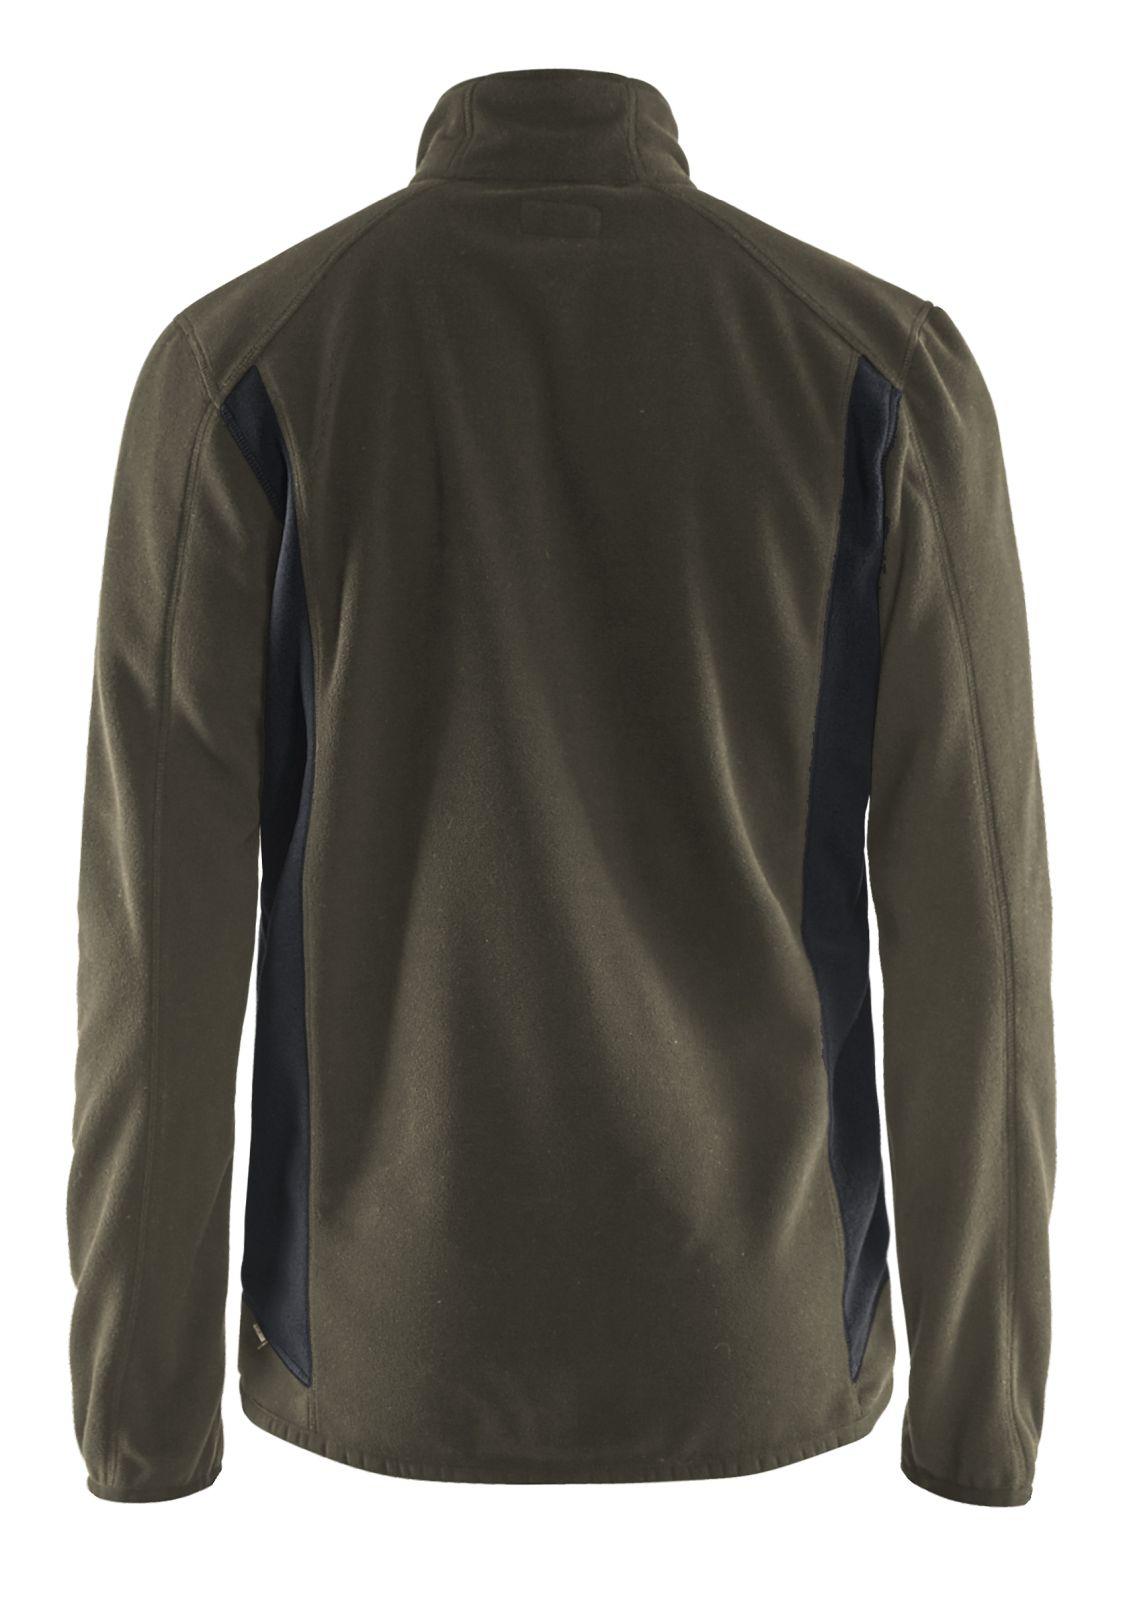 Blaklader Fleece vesten 47302510 groen-zwart(4599)